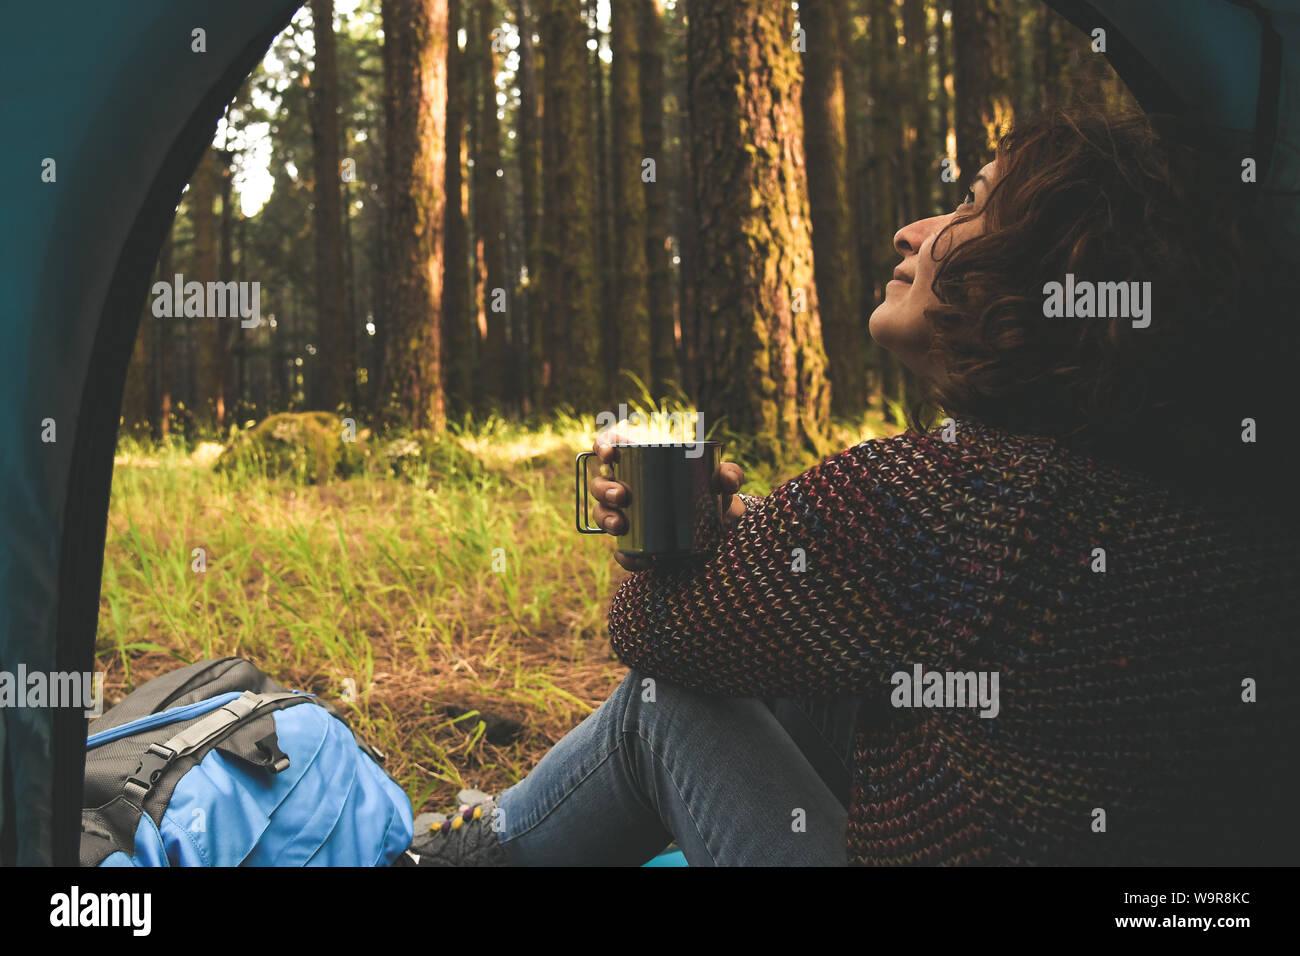 Bella donna seduta nella tenda in cerca della natura selvaggia fuori beve una tazza di caffè alla moda ragazza sola rilassante nella foresta dopo un trekking h Foto Stock